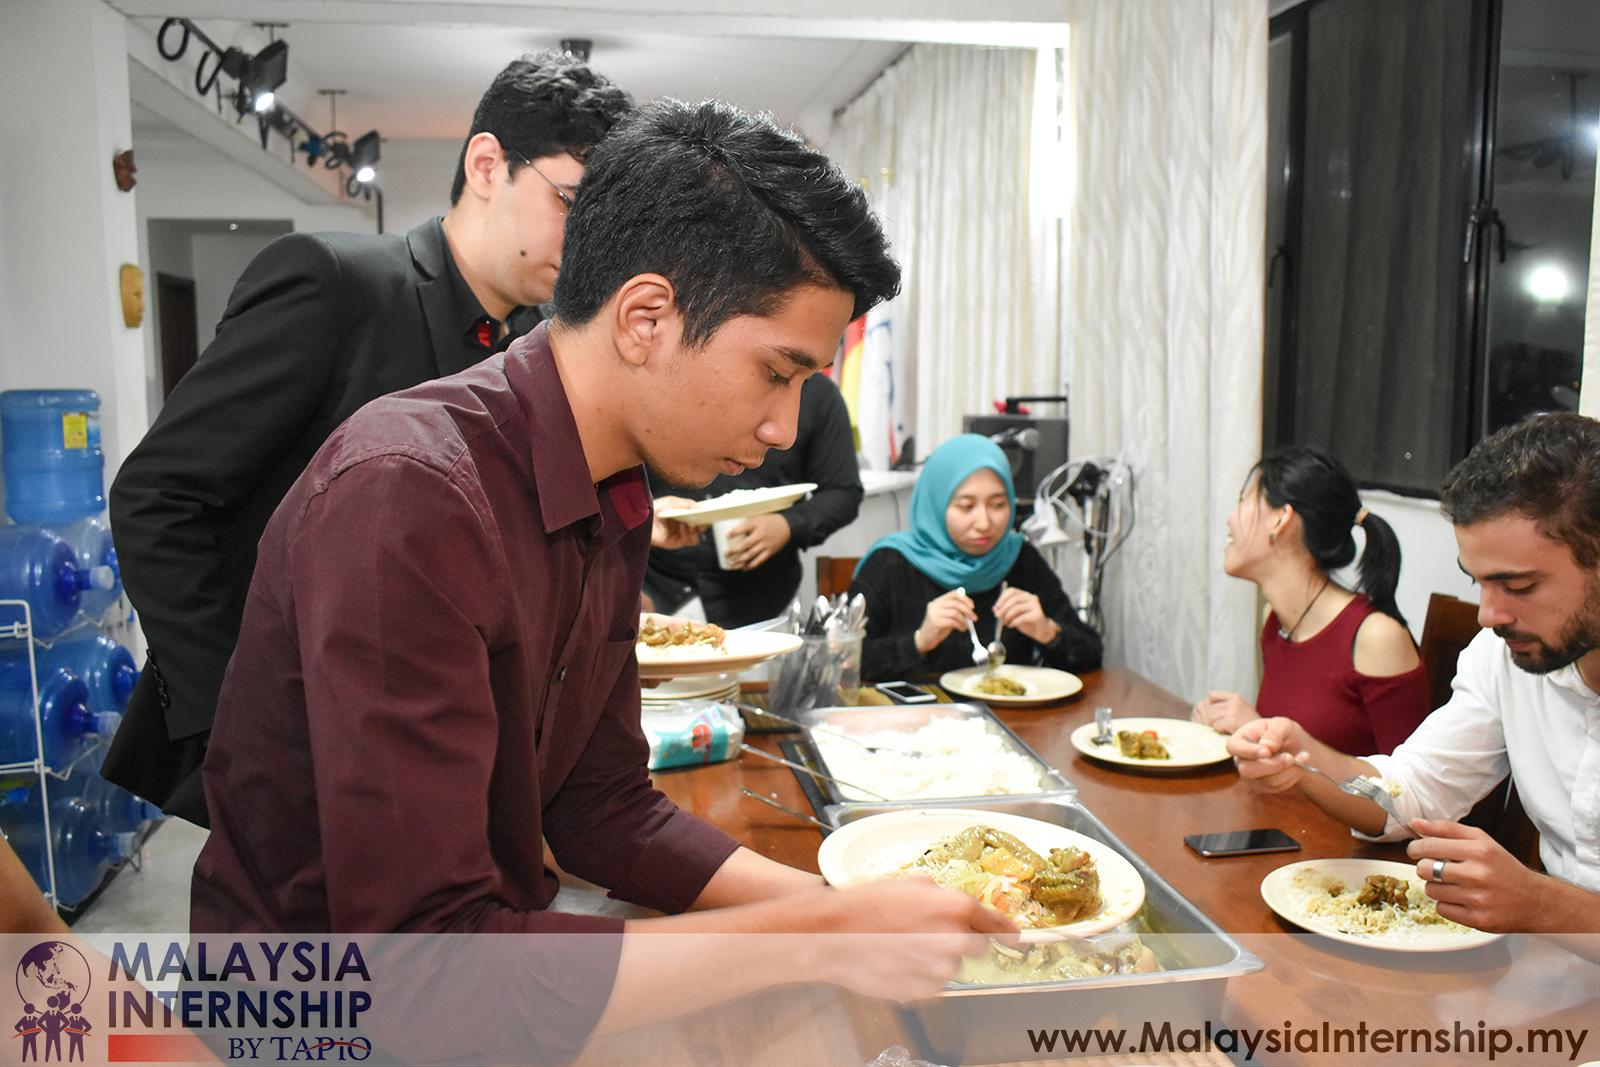 20190905 - Wednesday Club with YAM Tunku Zain